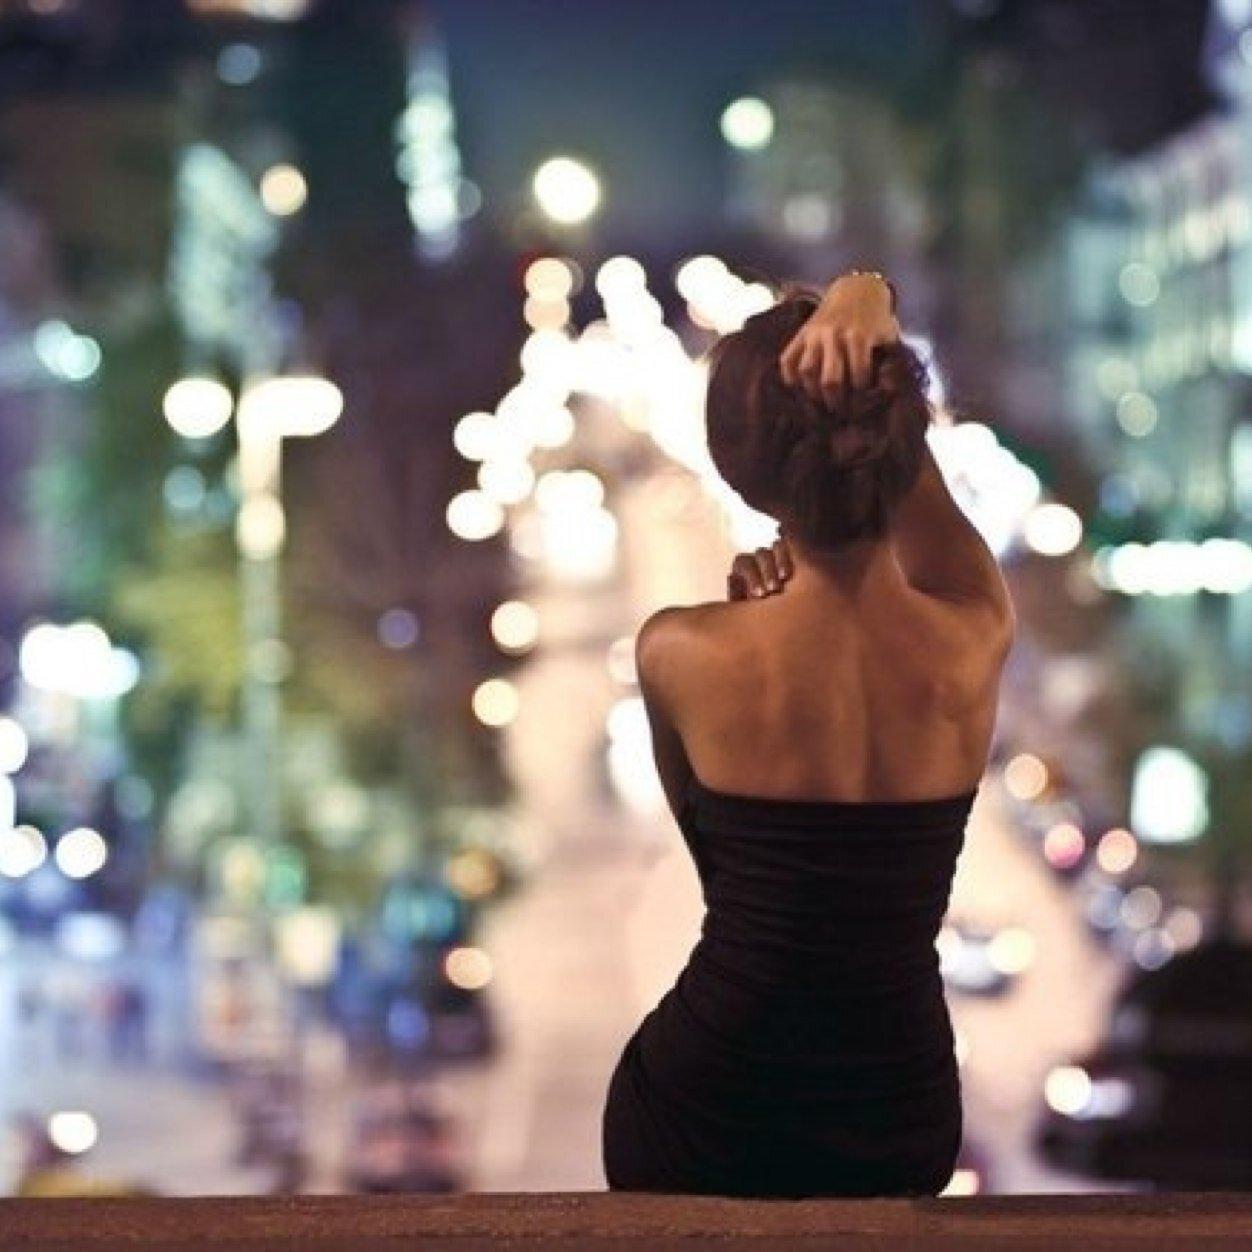 Лена ленина твоя любовь 19 фотография